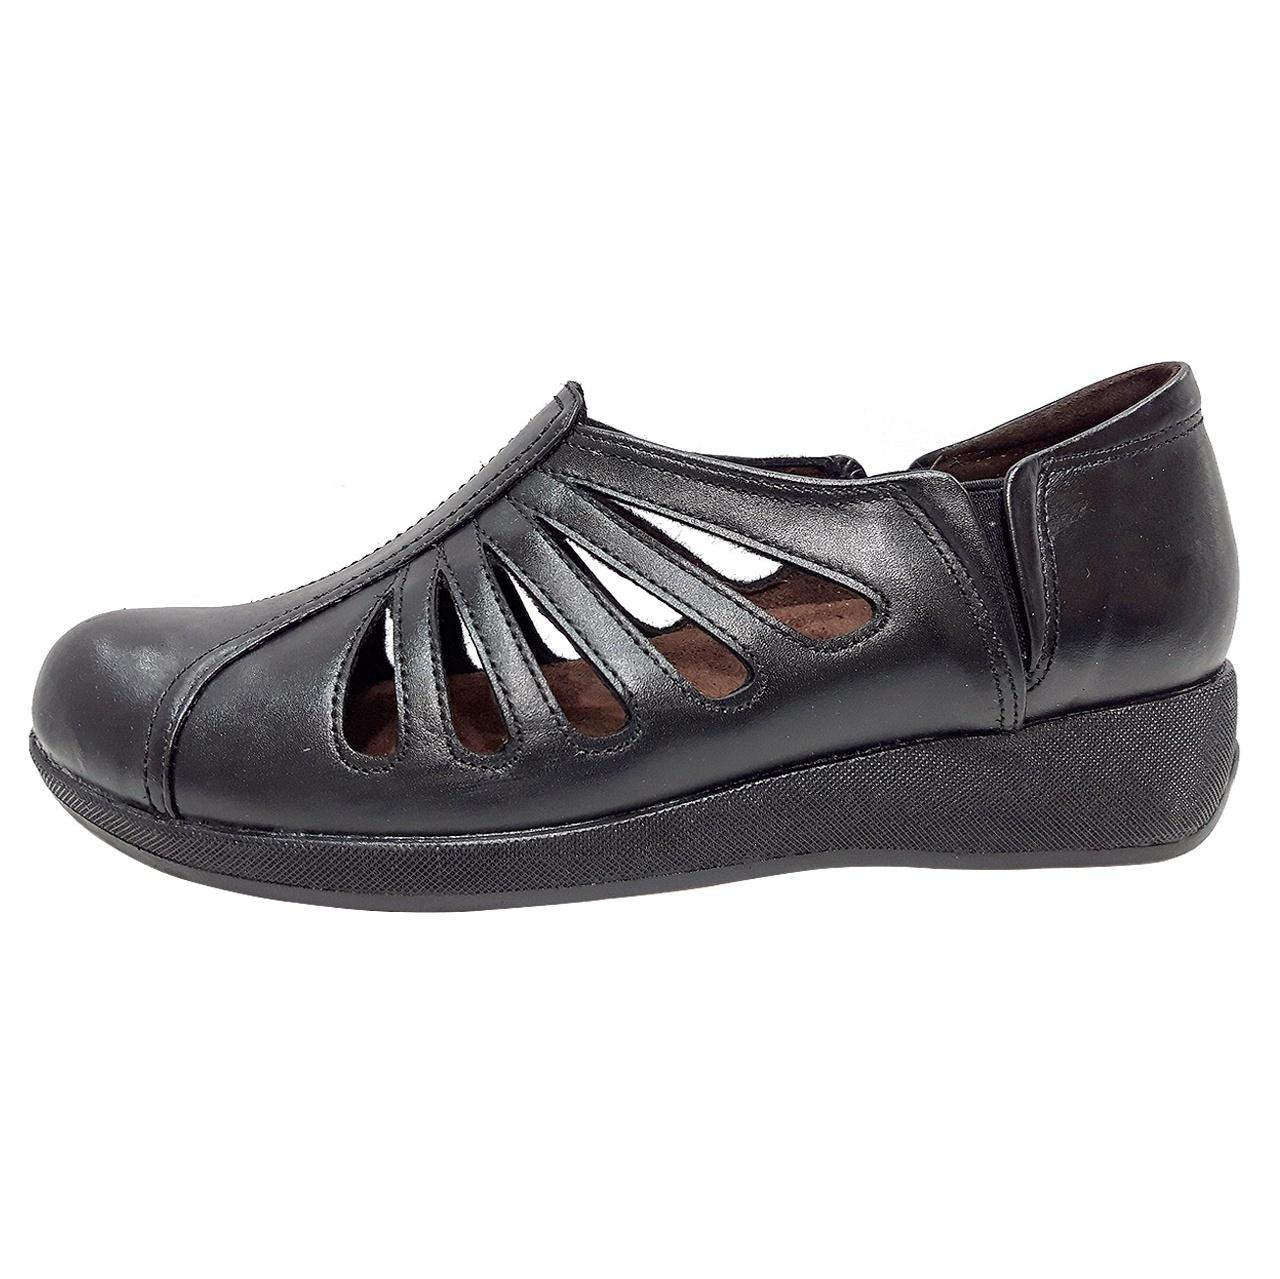 کفش روزمره زنانه روشن مدل شاهین کد 11              (قیمت و عکس)